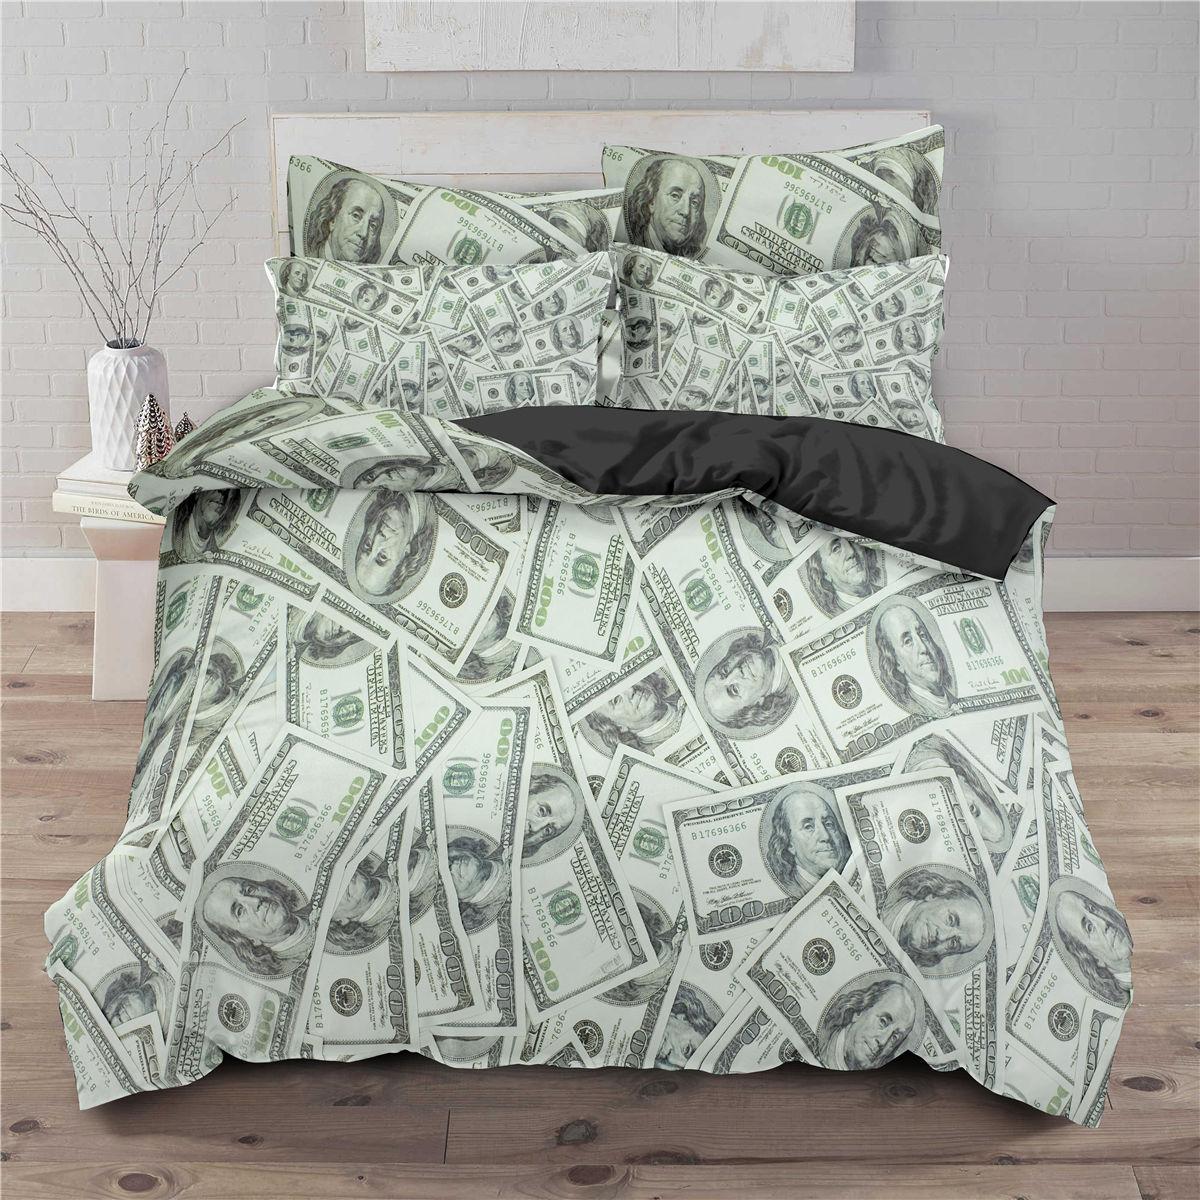 طقم أغطية سرير فاخرة ، طقم سرير مطبوع بالدولار ، غطاء لحاف ناعم مع أغطية وسائد ، منسوجات منزلية مريحة ، مقاس كينغ/كوين